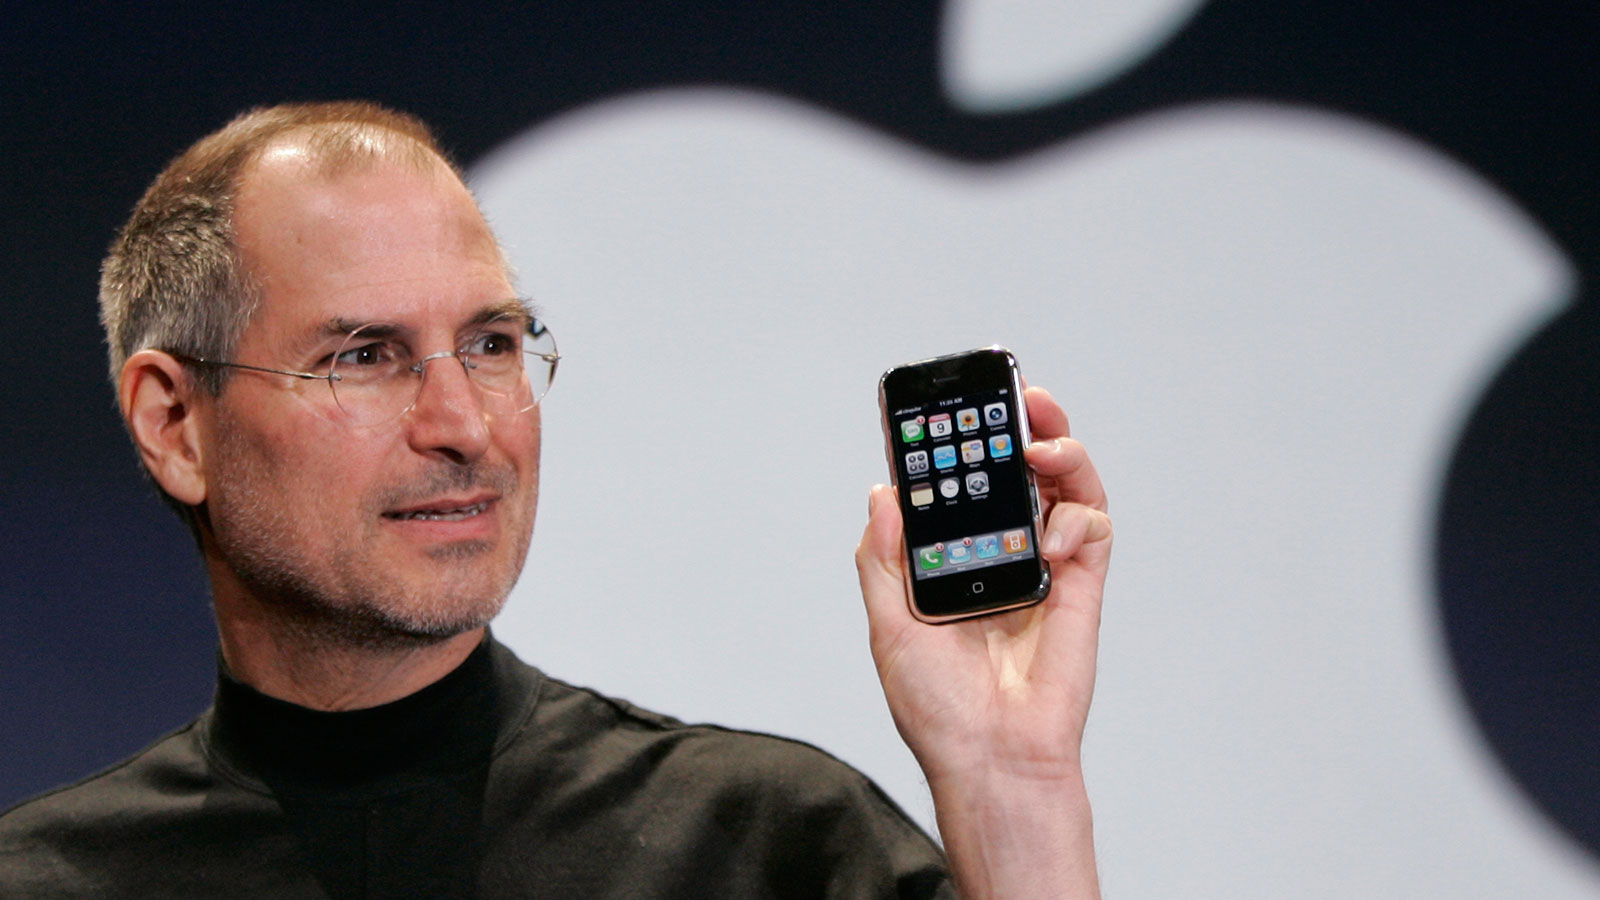 Steve Jobs, lors du dévoilement de l'iPhone en 2007 (Photo : AP / Paul Sakuma).